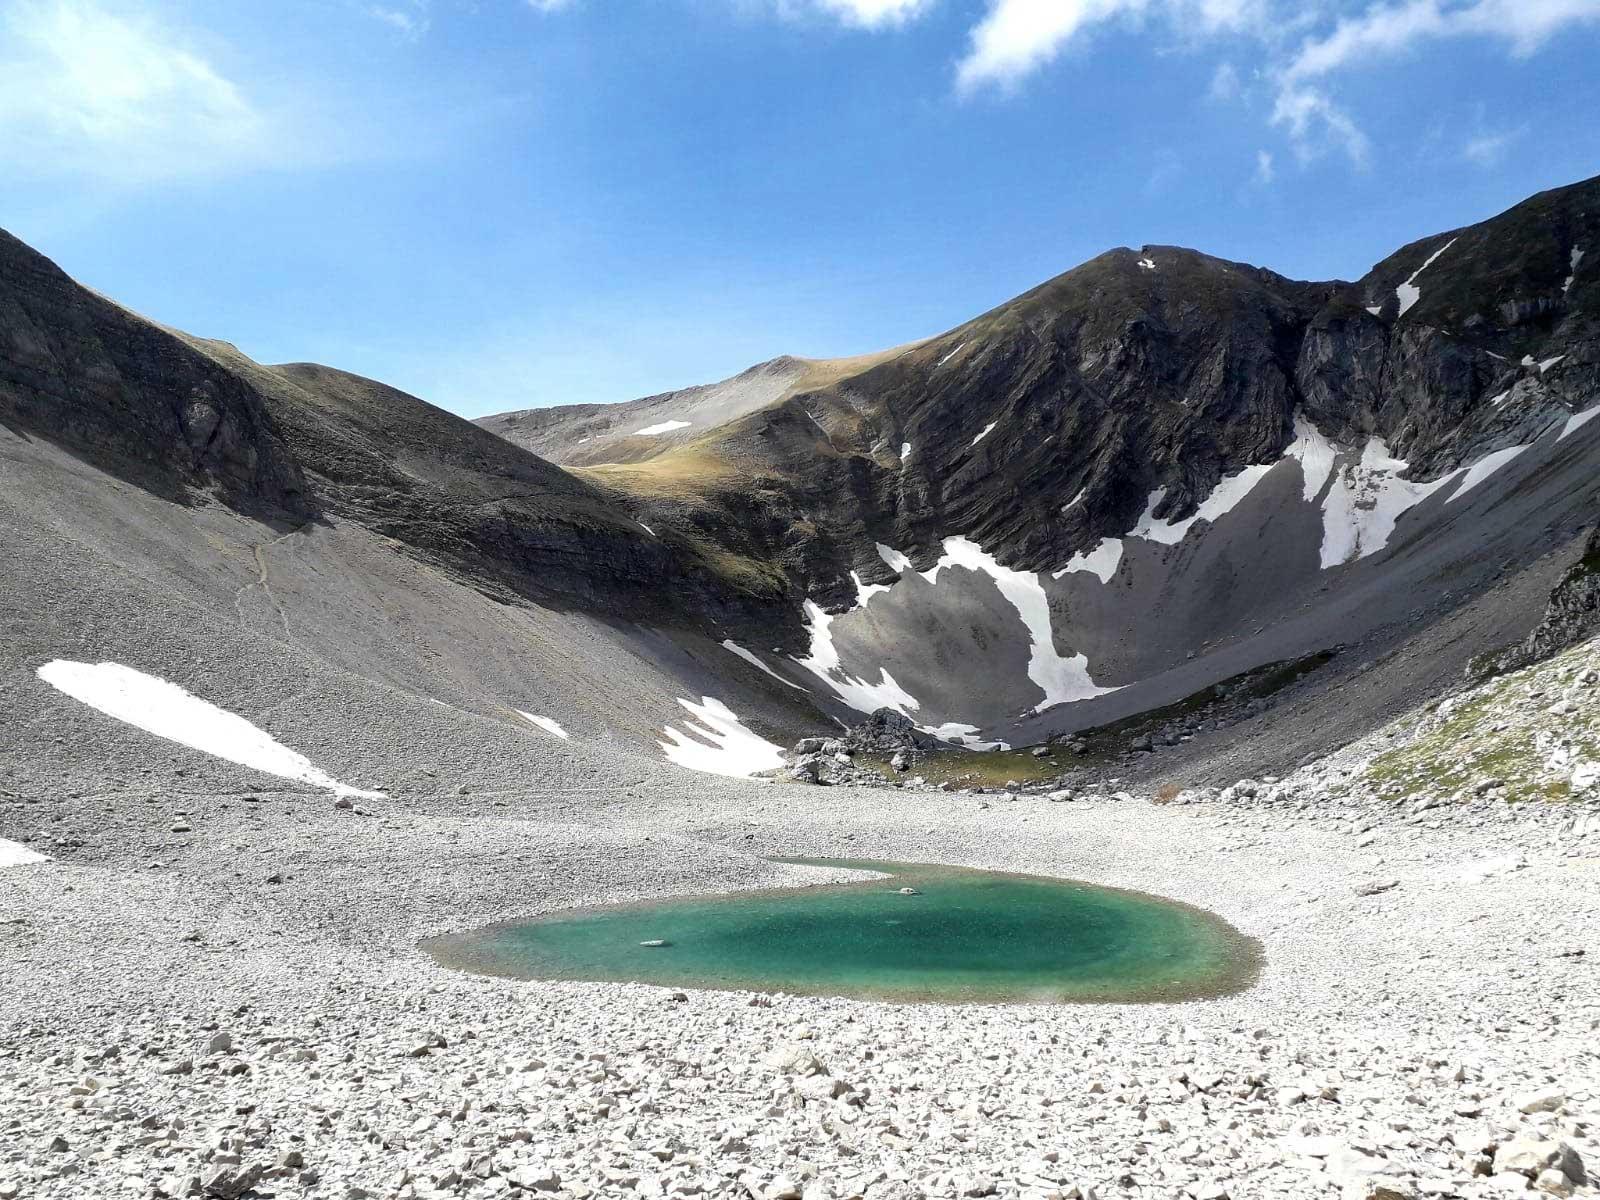 GeoTour, la nuova app per l'escursionismo piacevole e sicuro